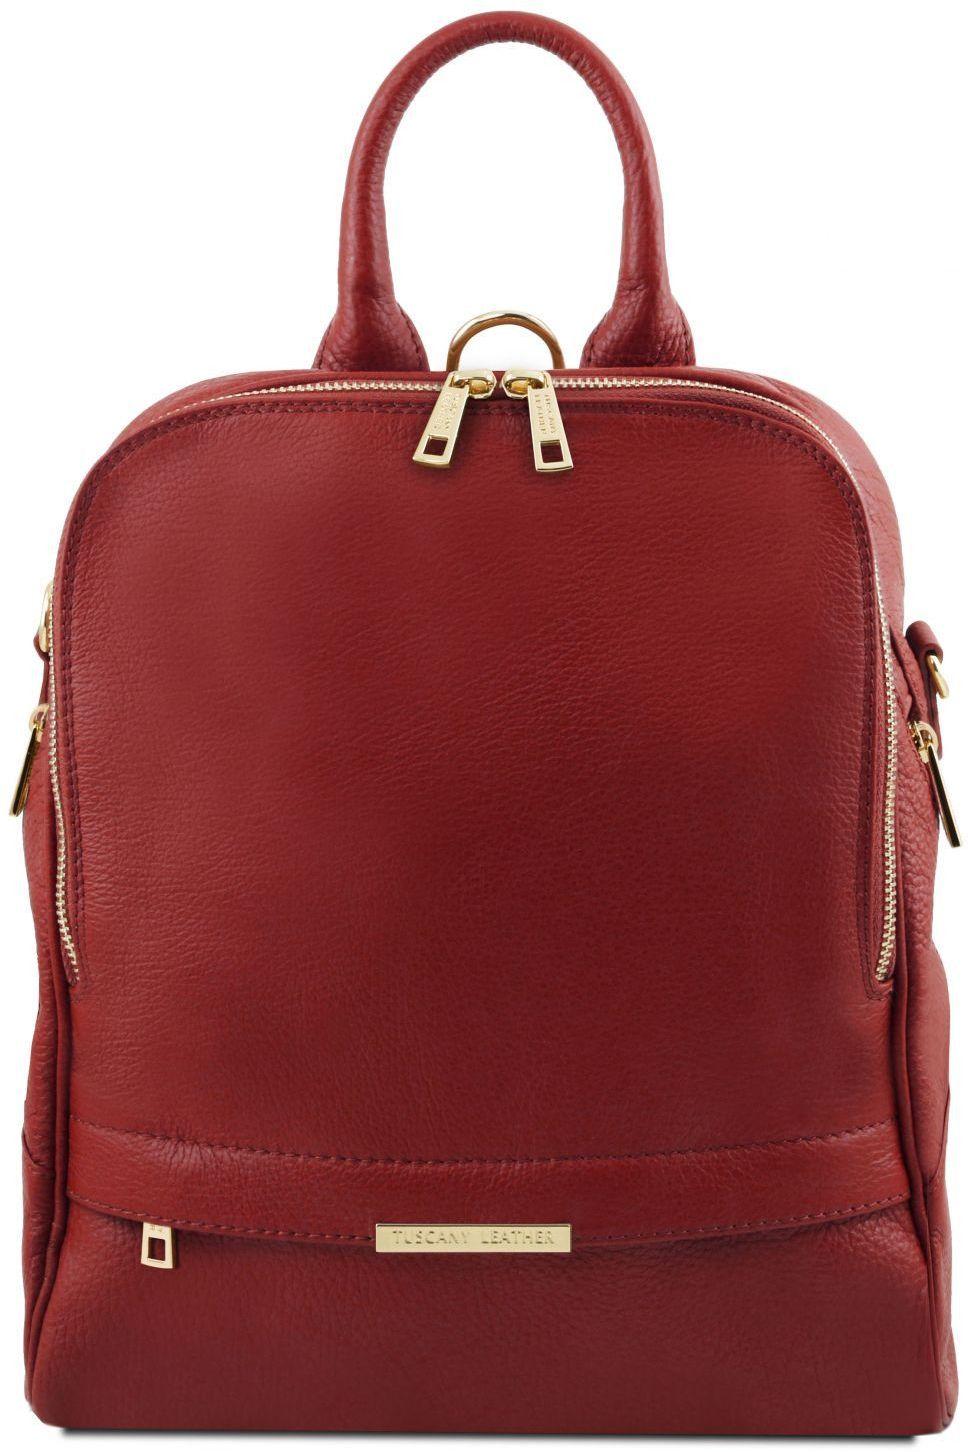 Γυναικεία Τσάντα Πλάτης Δερμάτινη TL141376 Κόκκινο Tuscany Leather γυναίκα   τσάντες πλάτης